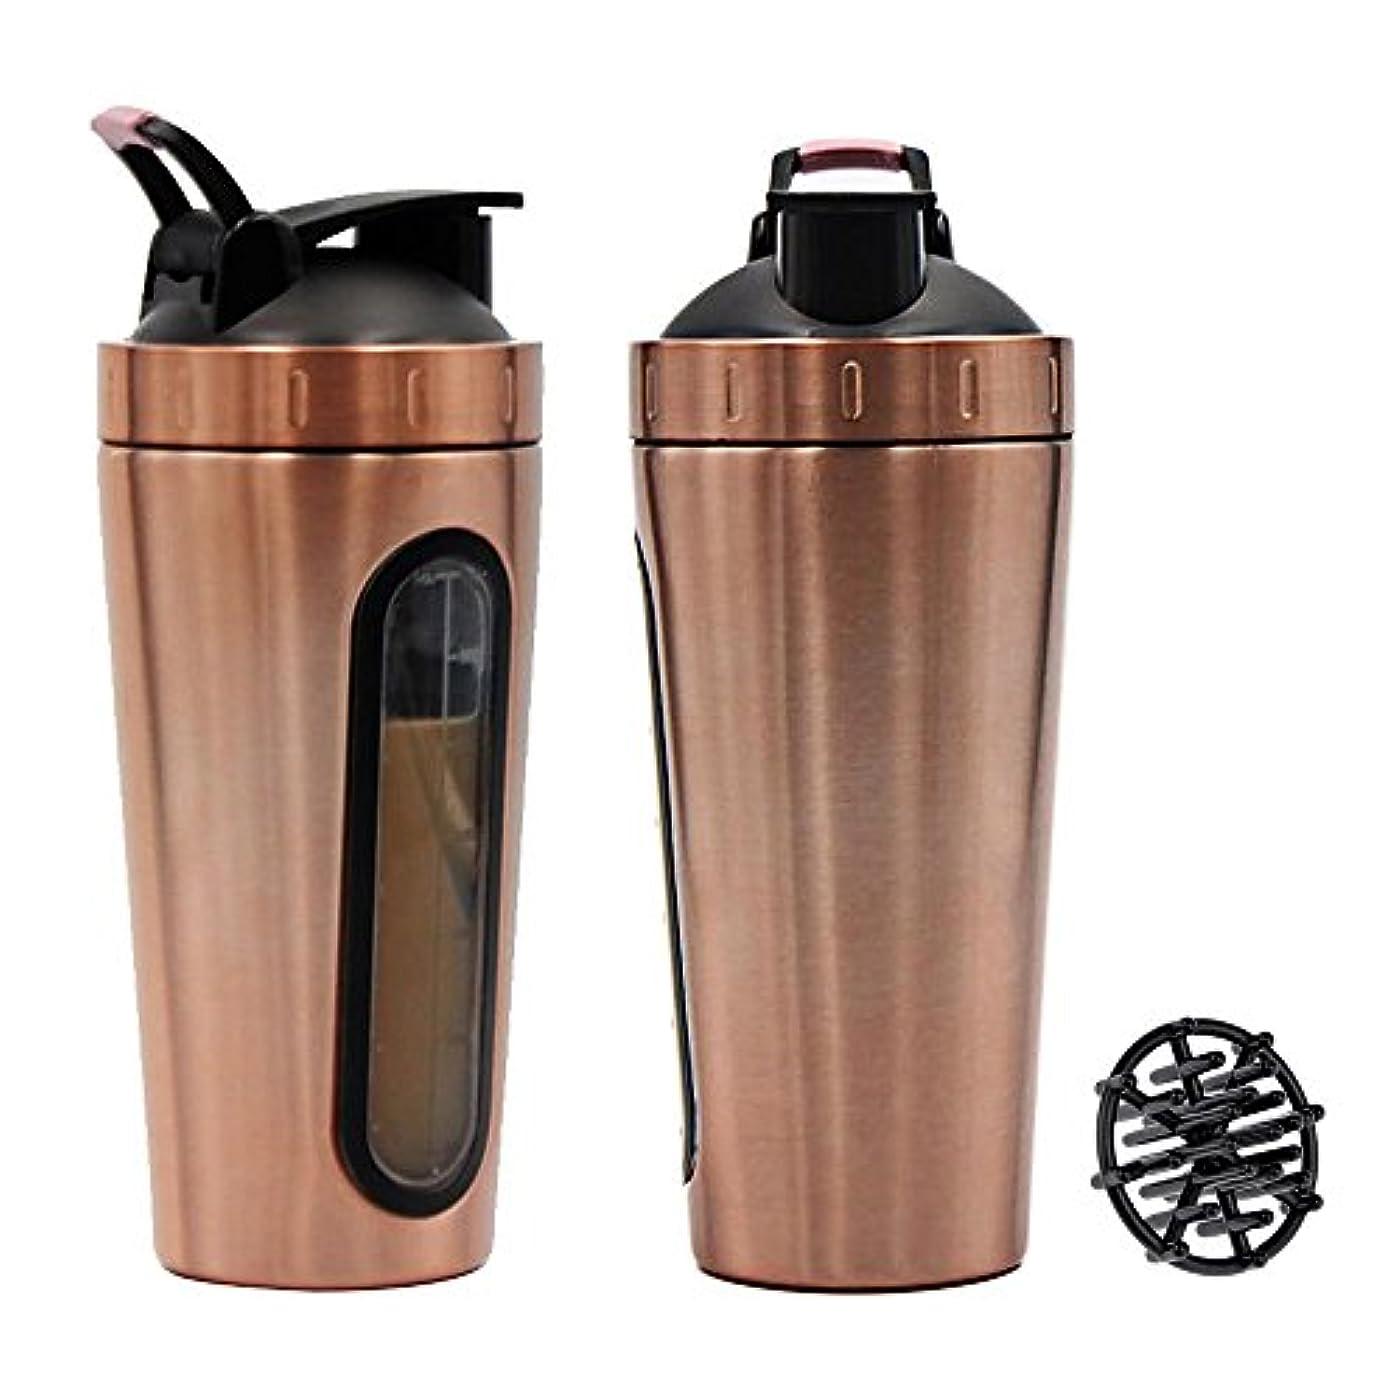 リフレッシュ蓋想像するステンレススチール スポーツウォーターボトル プロテインミルクセーキーシェーカーカップ 可視ウィンドウ ゴールド